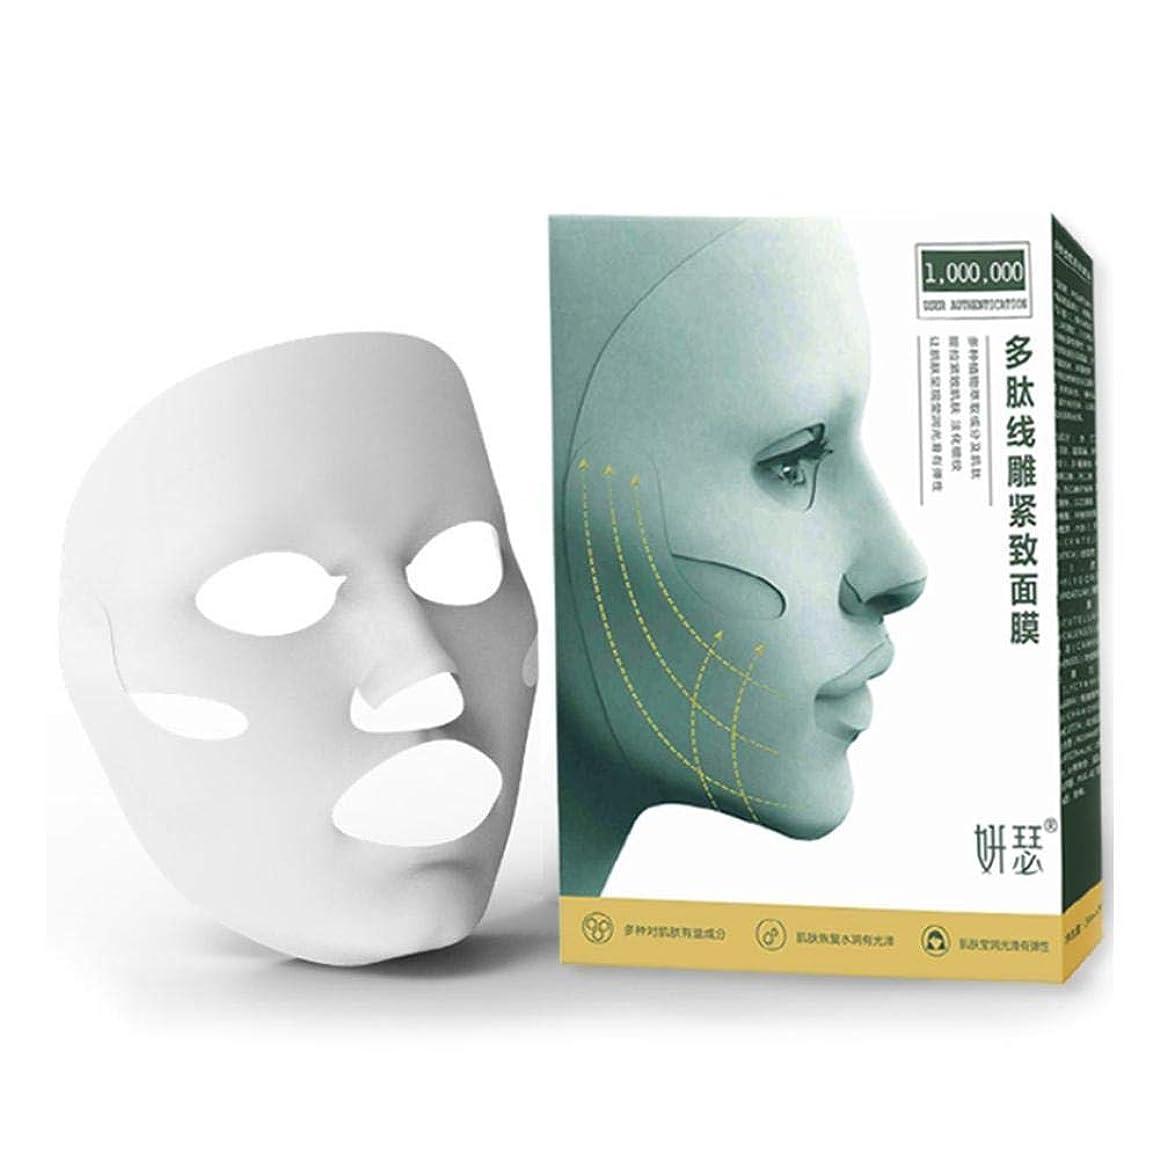 責任者教え軽減するBETTER YOU (ベター ュー) マスク、ペプチドマスク、保湿、美白、肌の引き締め、肌の色合いの明るく、赤い血の輝き、細い線 5枚1箱